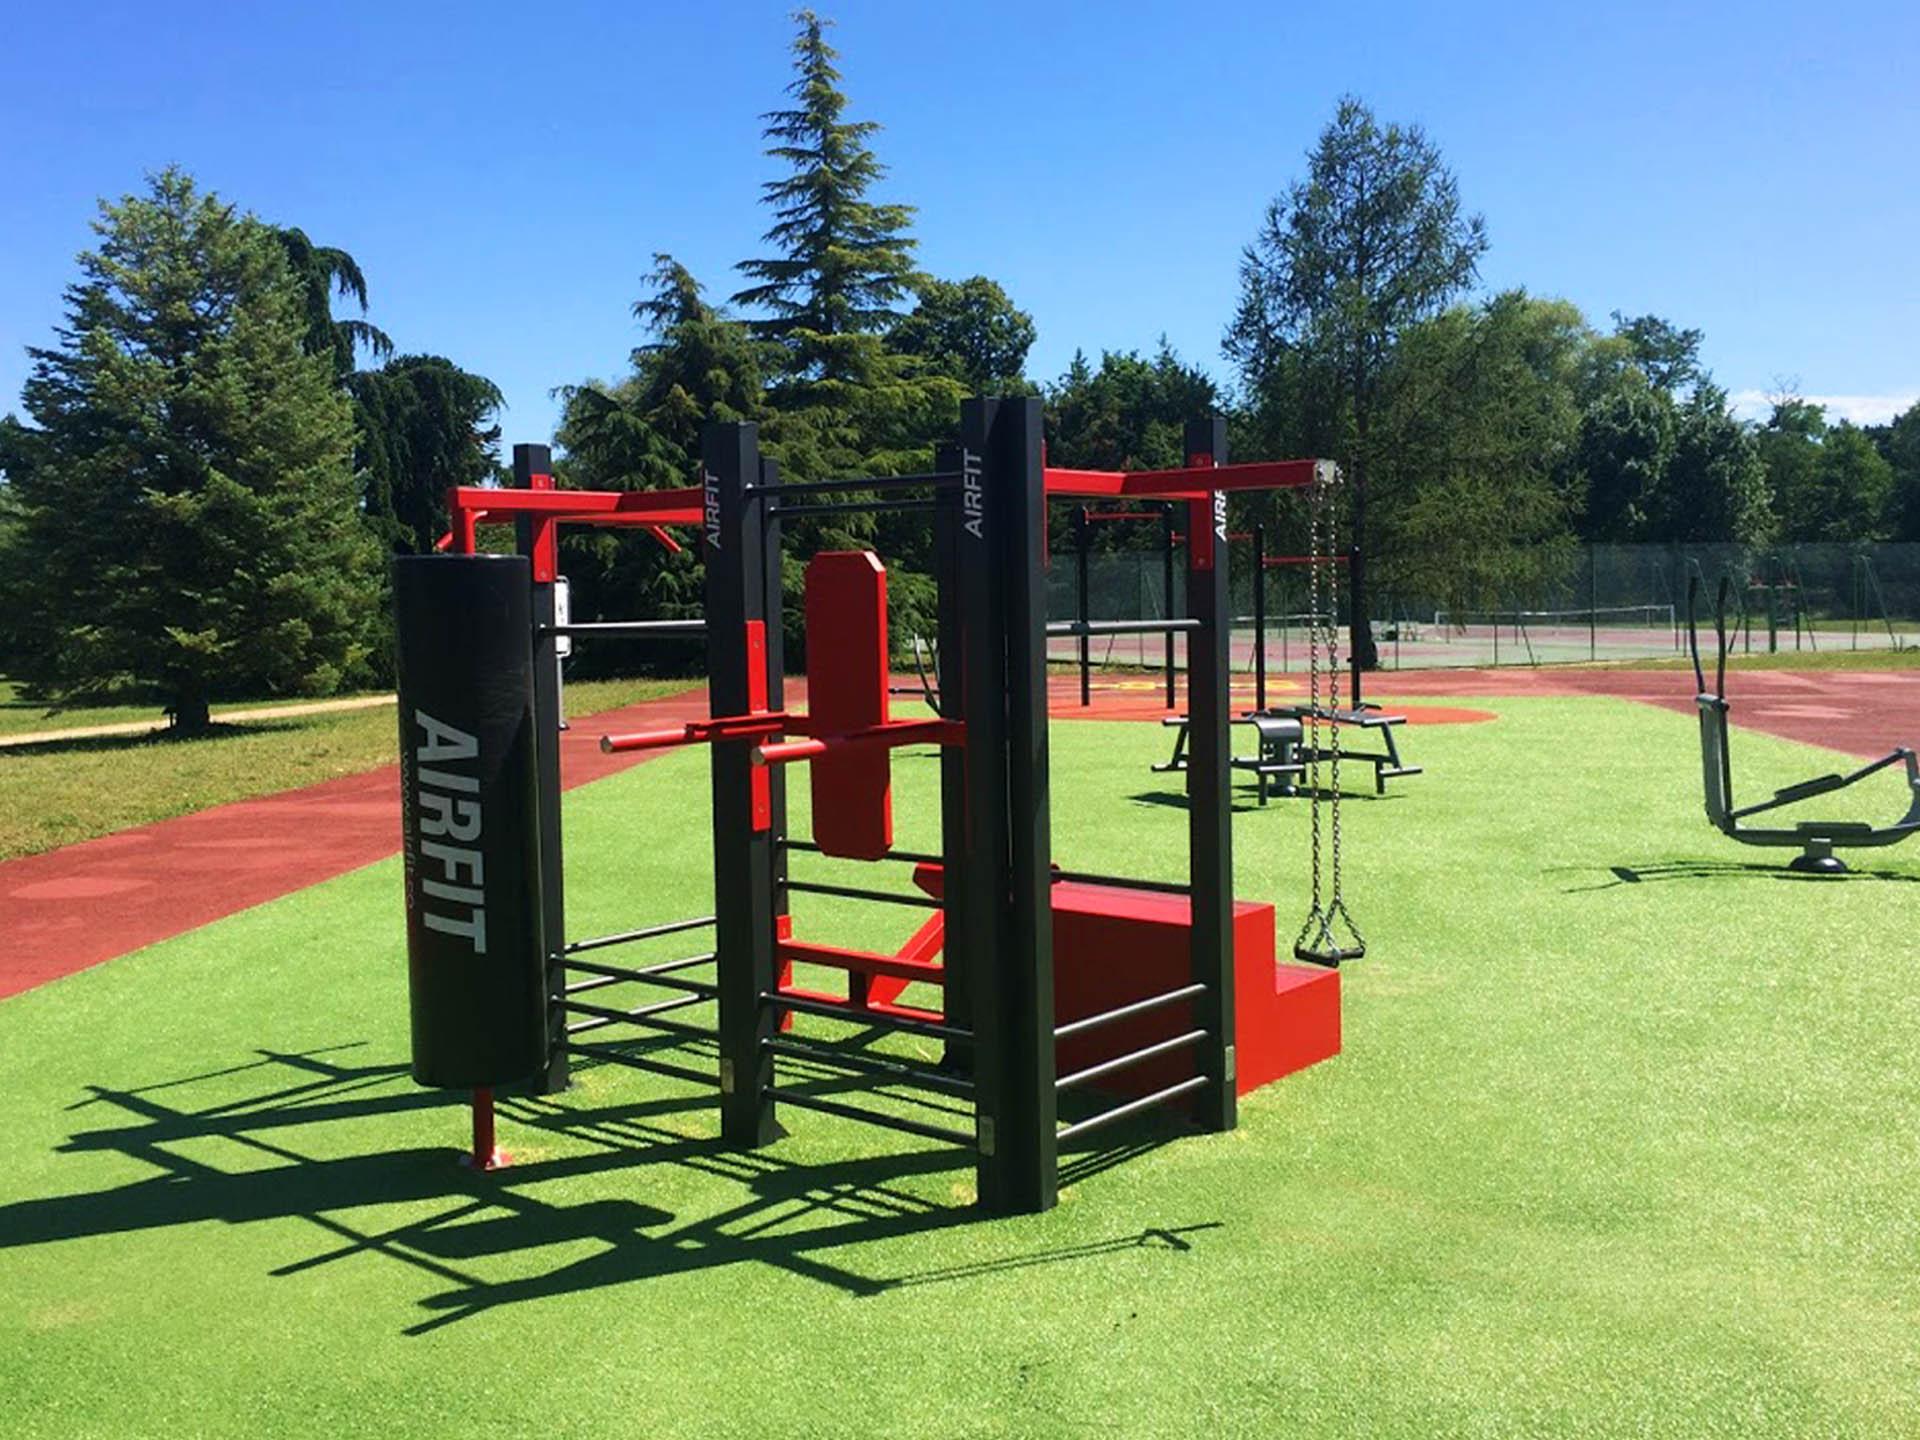 https://www.lejsl.com/culture-loisirs/2020/09/13/une-aire-de-fitness-en-acces-libre-au-parc-sportif